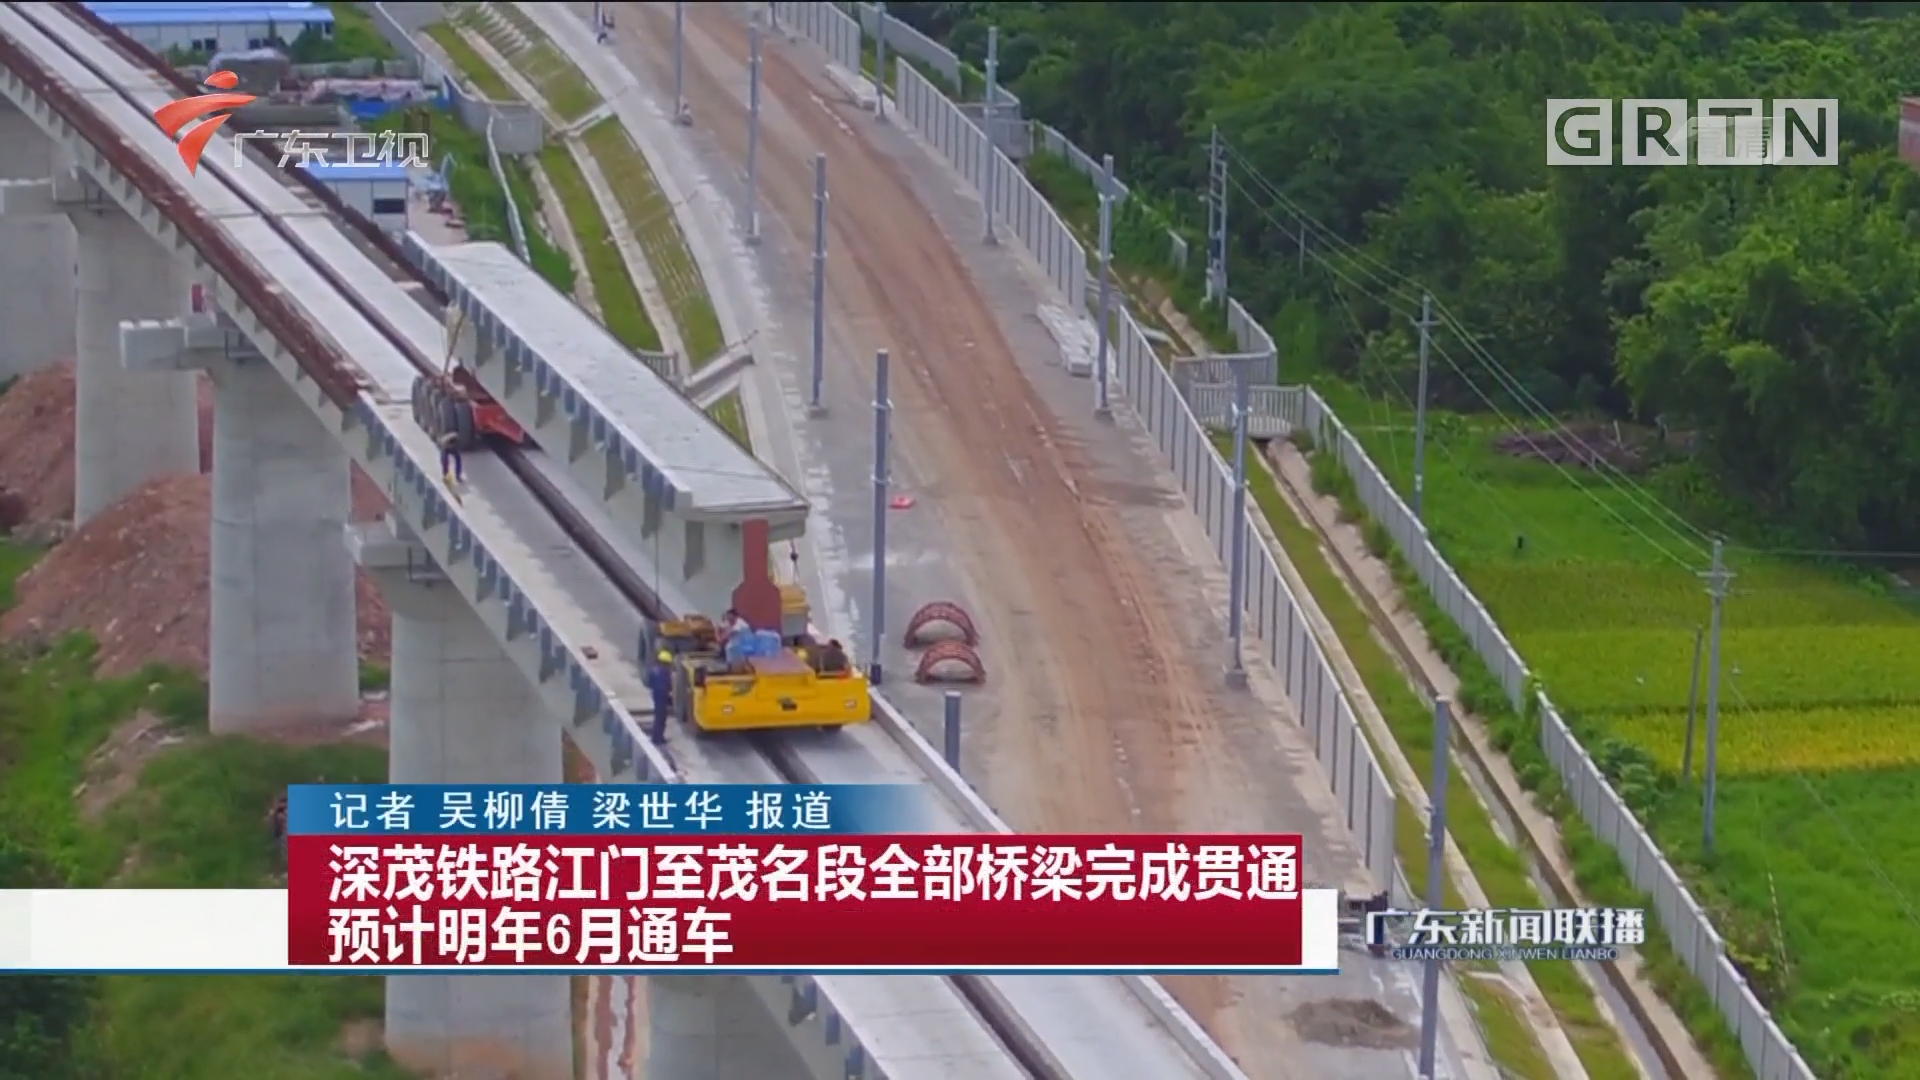 深茂铁路江门至茂名段全部桥梁完成贯通 预计明年6月通车